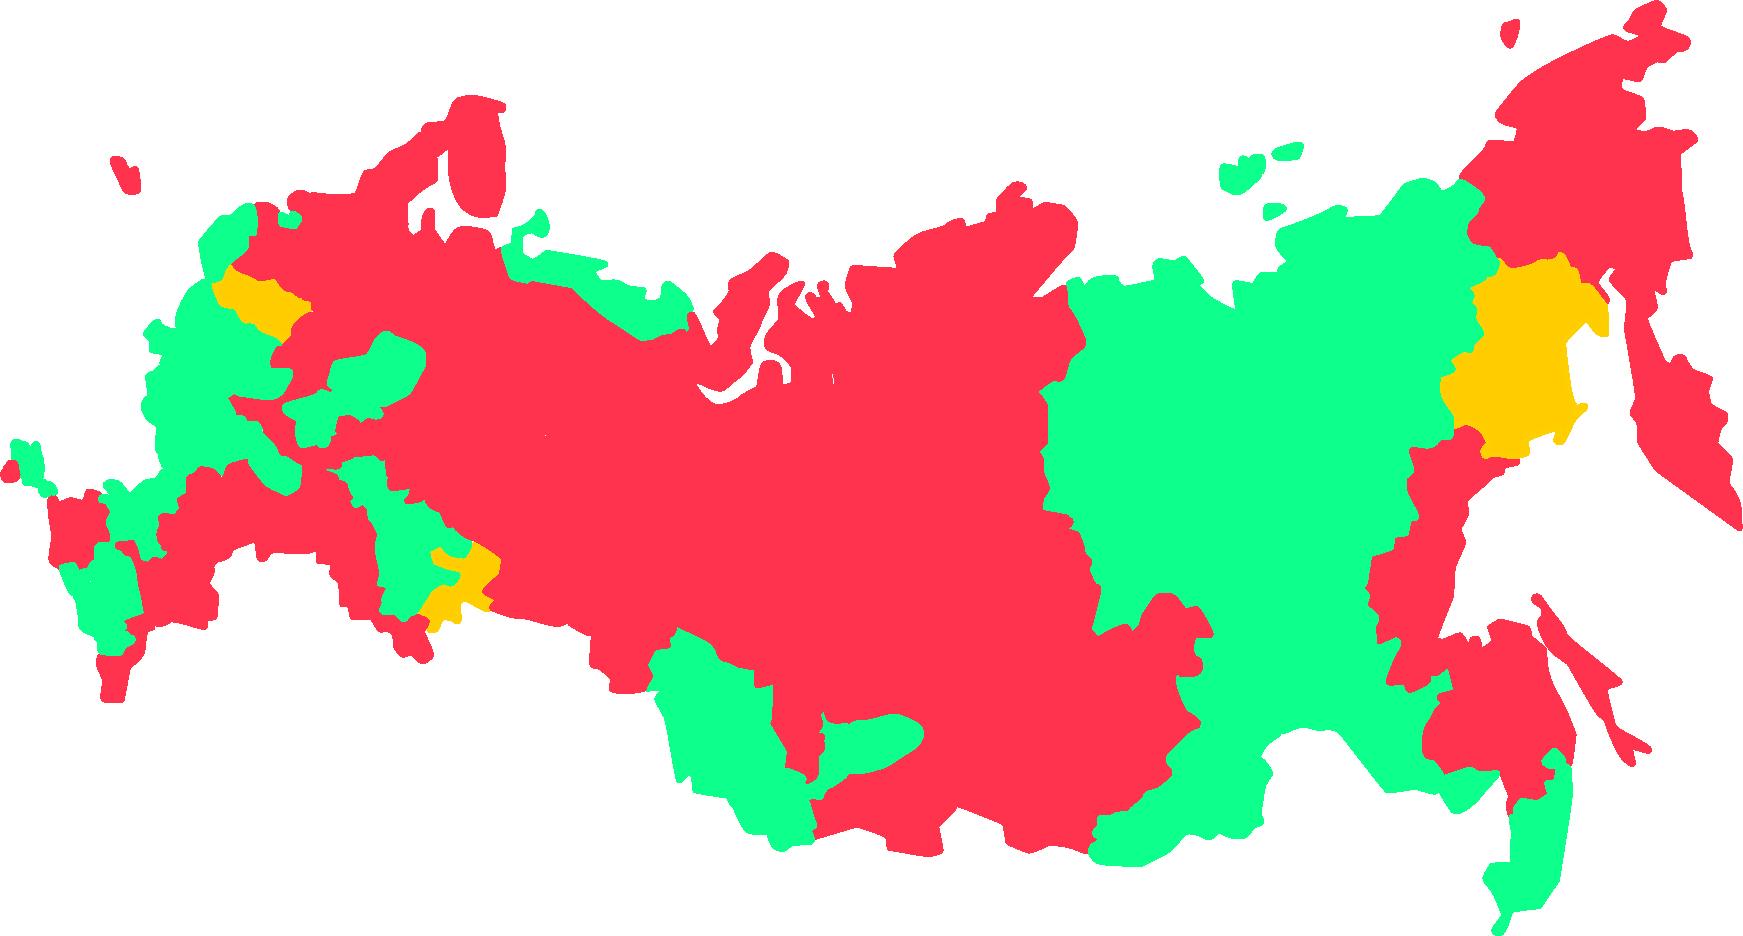 Районный коэффициент: размер, правила его начисления и расчета